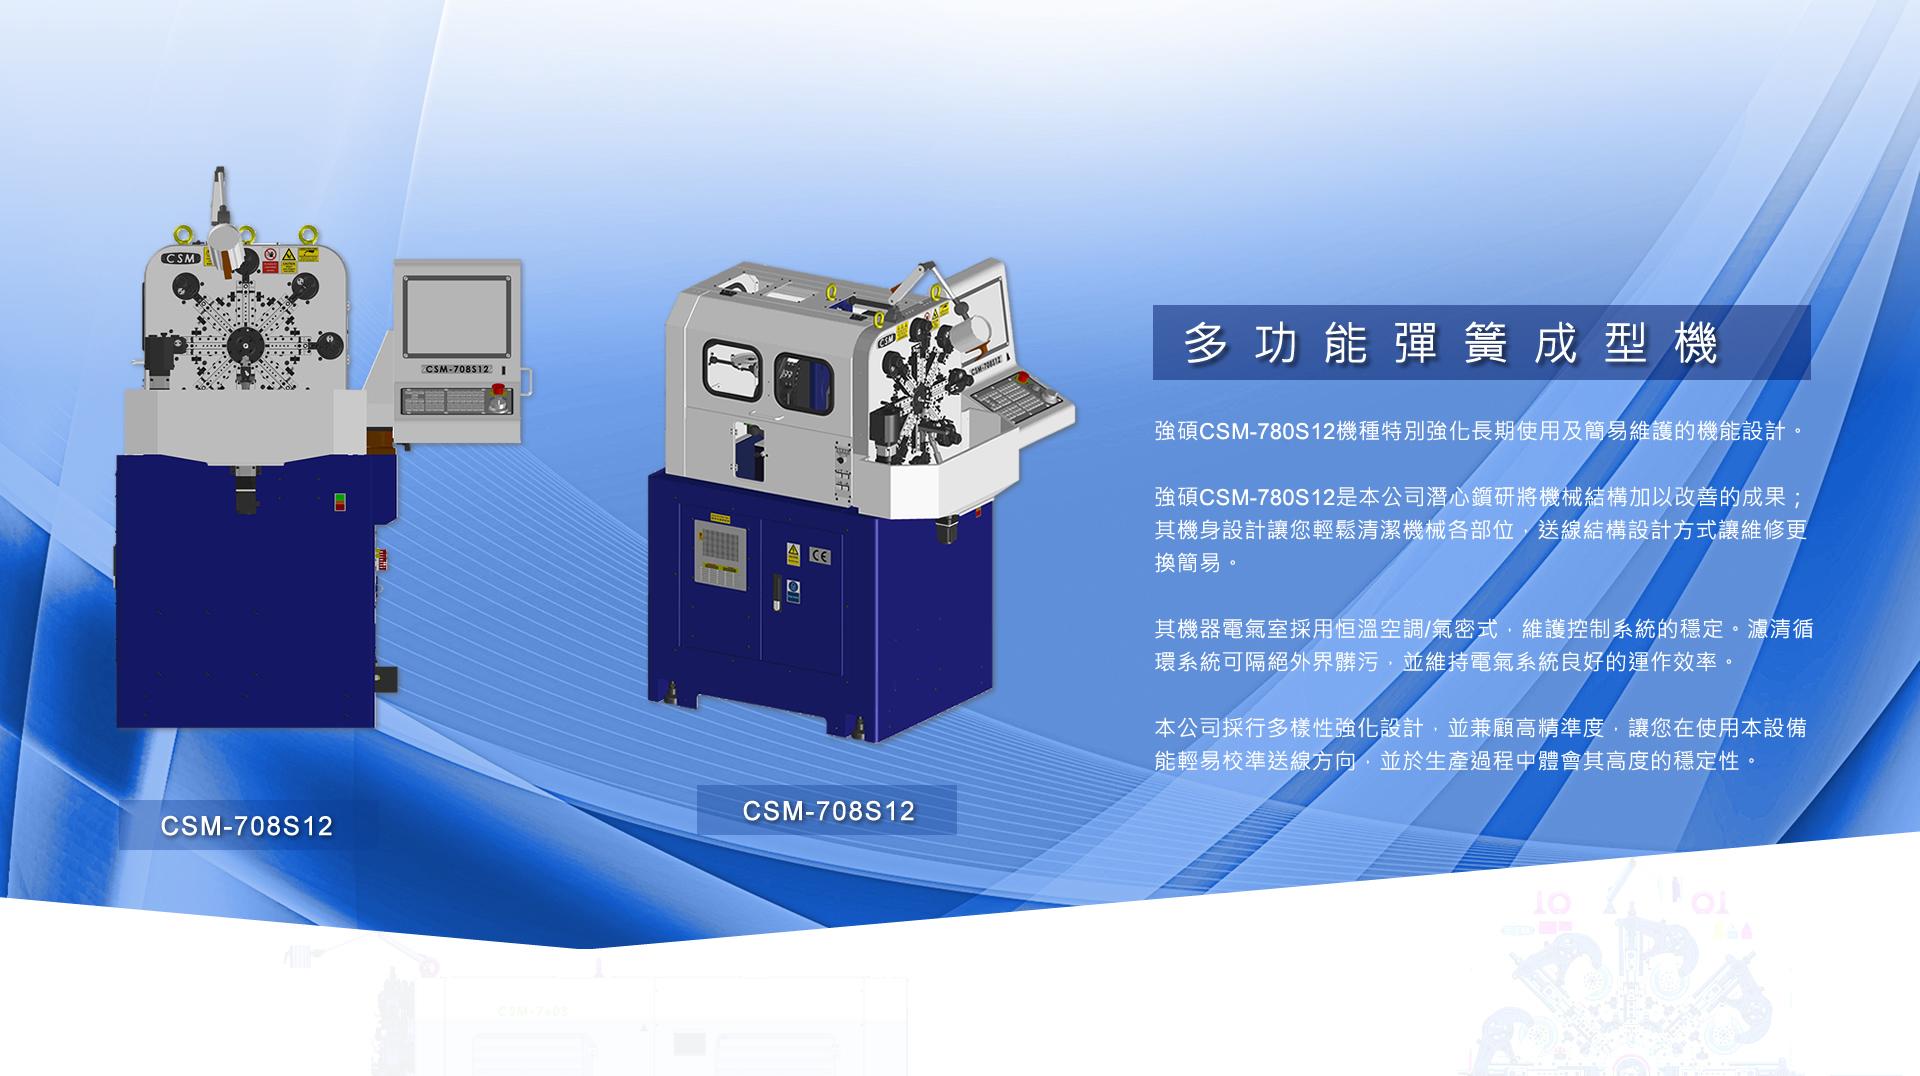 CSM-780S12